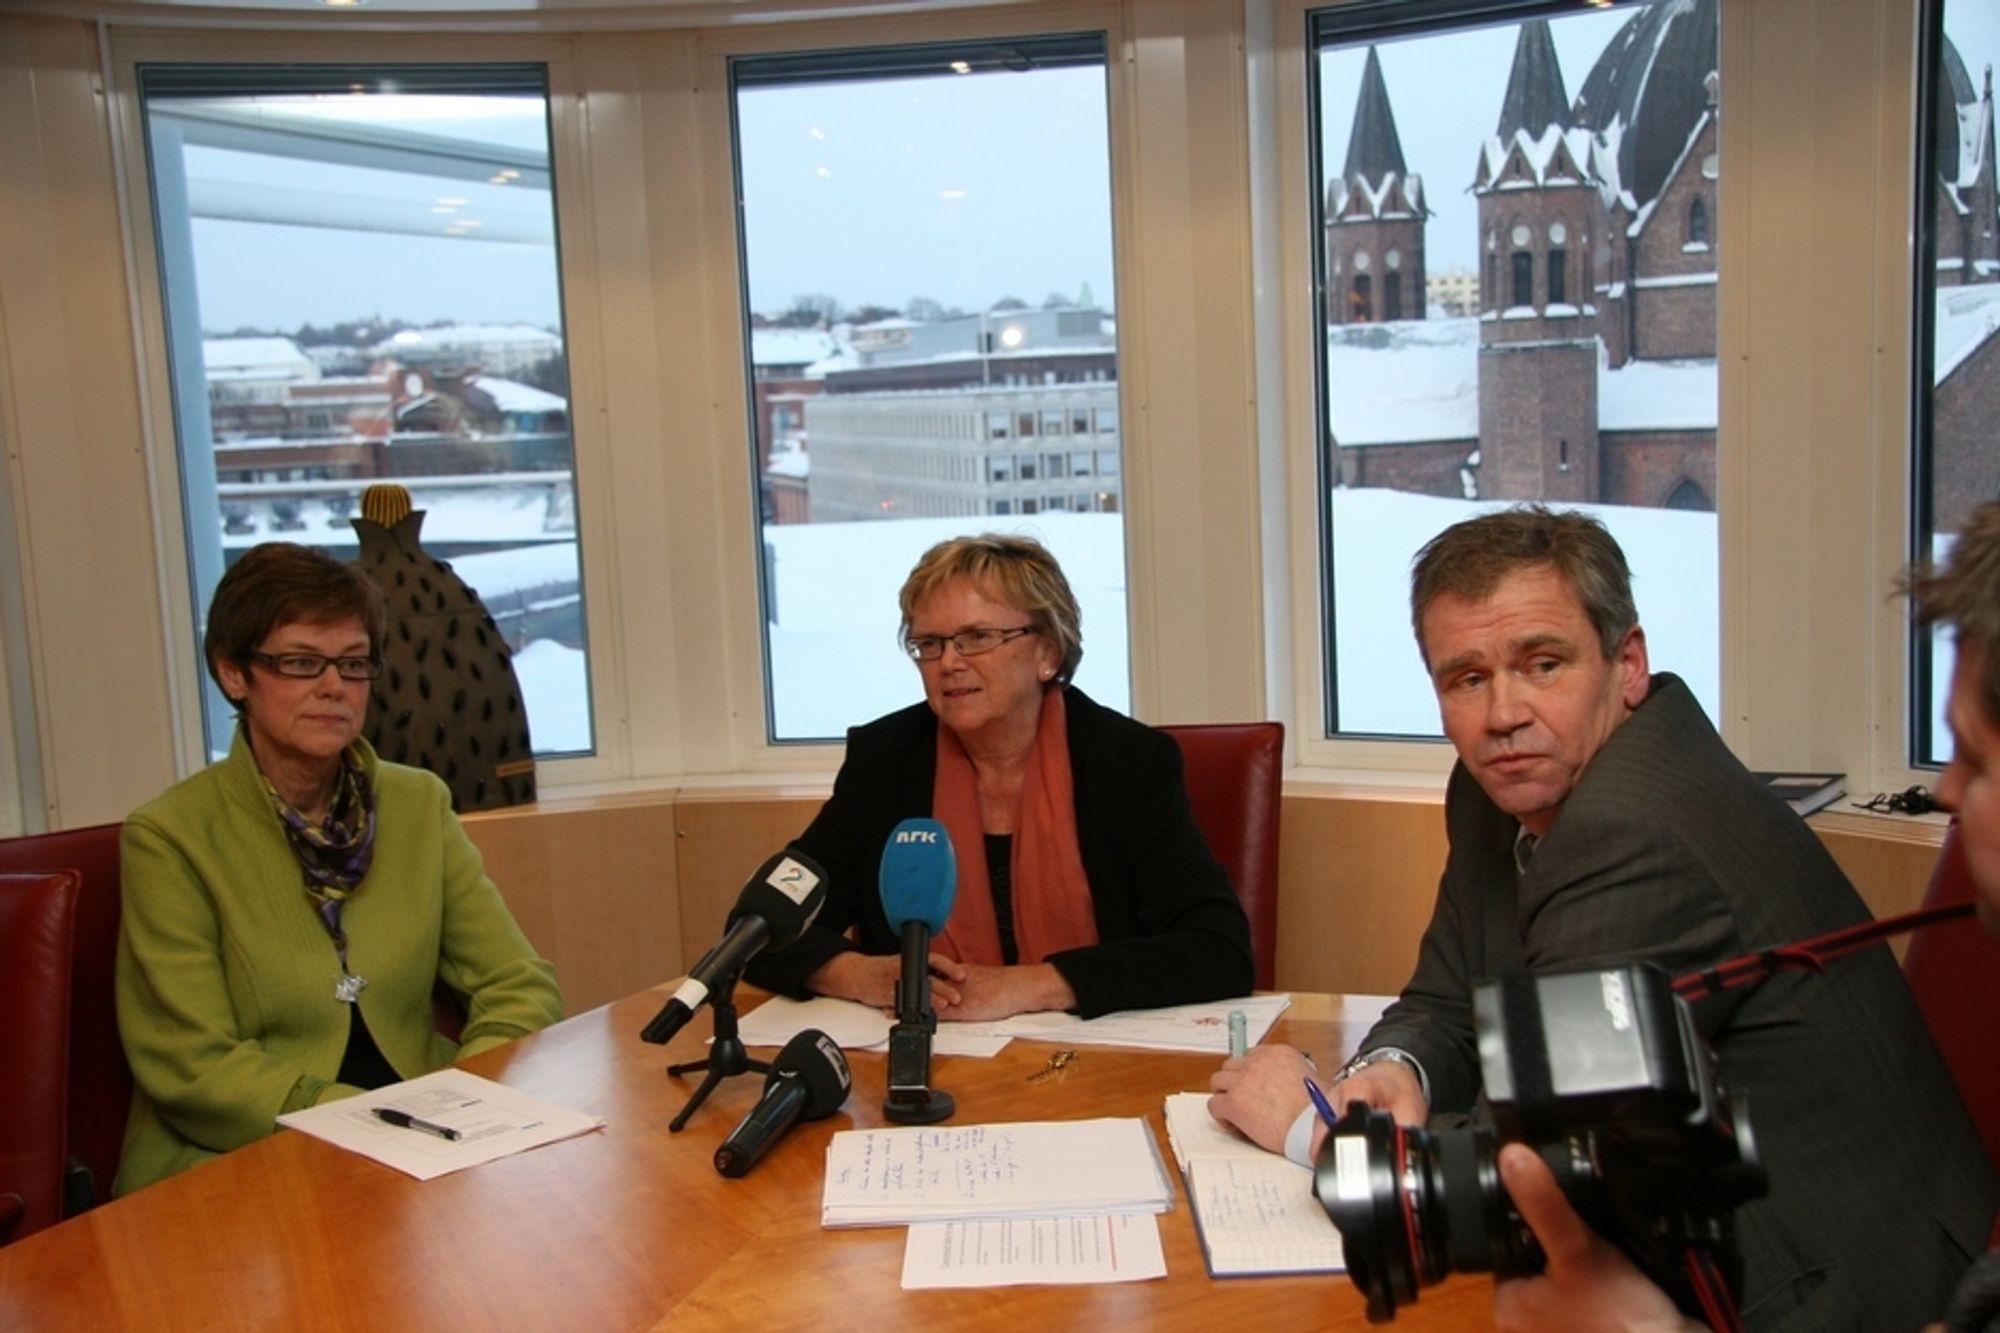 KRISEMØTE: Jernbanedirektør Elisabeth Enger, samferdselsminister Magnhild Meltveit Kleppa og NSB-sjef Einar Enger var i dag samlet for å diskutere det Kleppa omtaler som en togkrise.